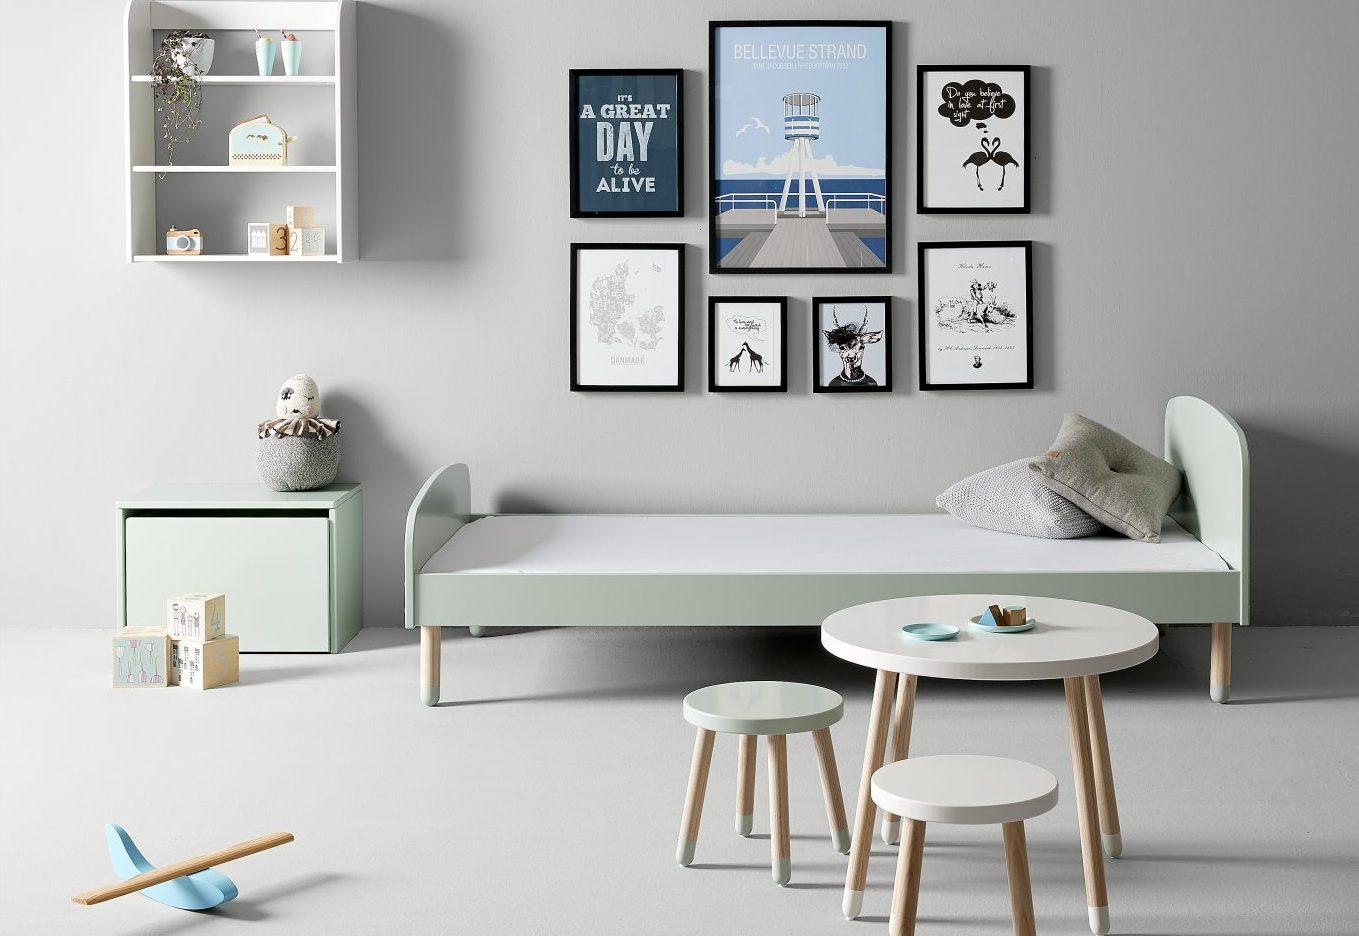 Moderne Flexa seng: 12 af de bedste Flexa senge til store og små børn JC96